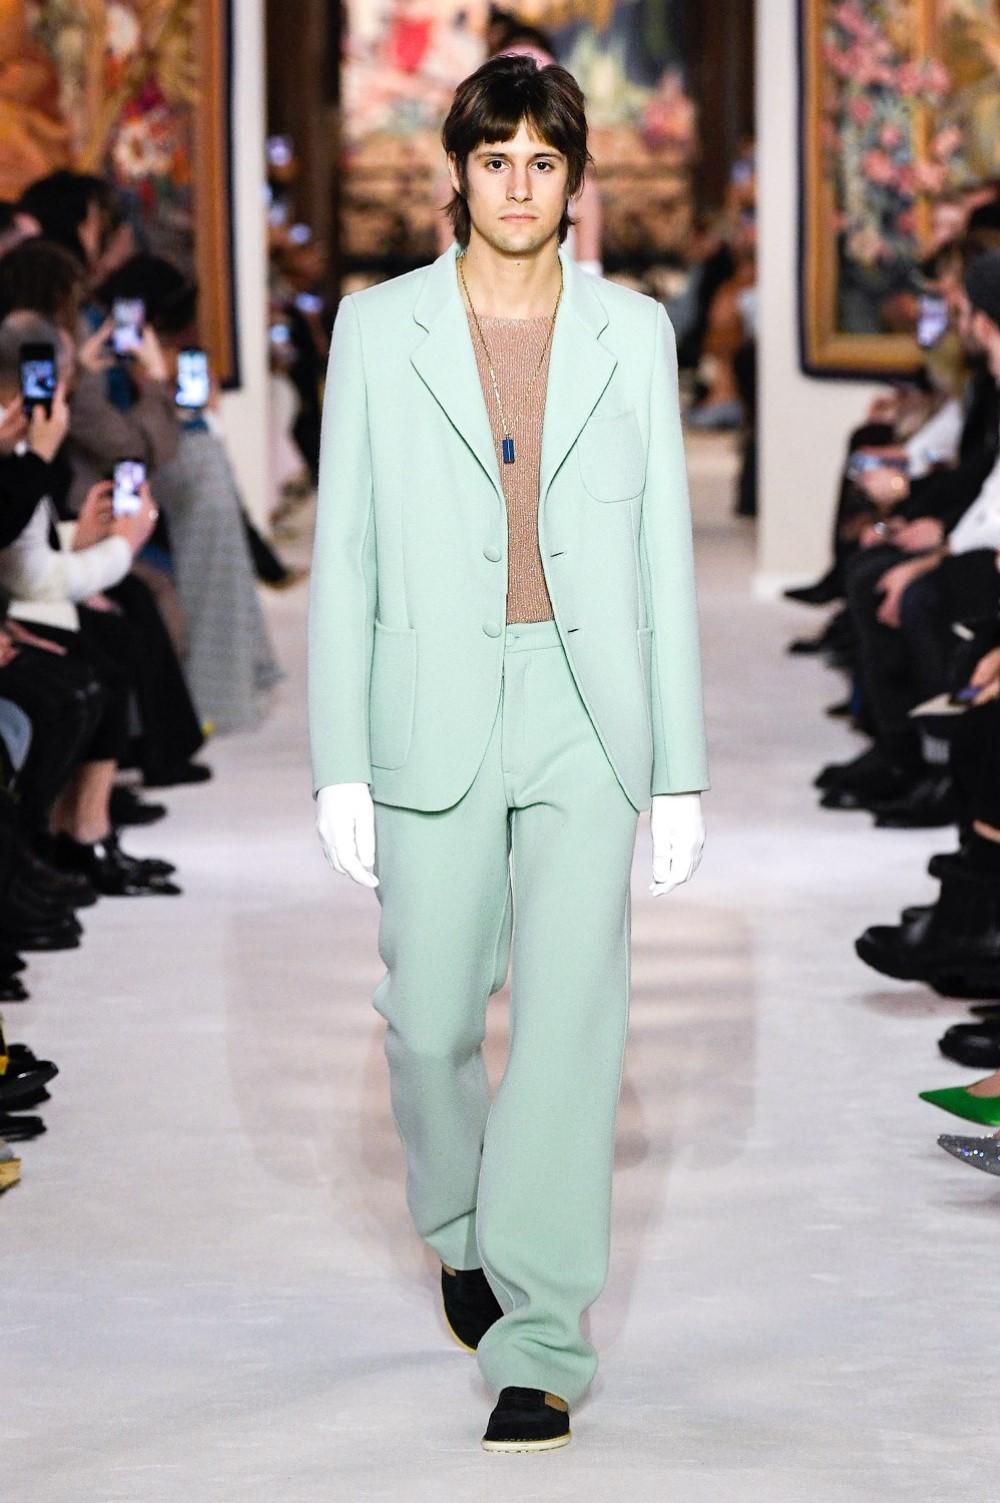 Lanvin Automne Hiver 2020 2021 Paris Fashion Week 17 1